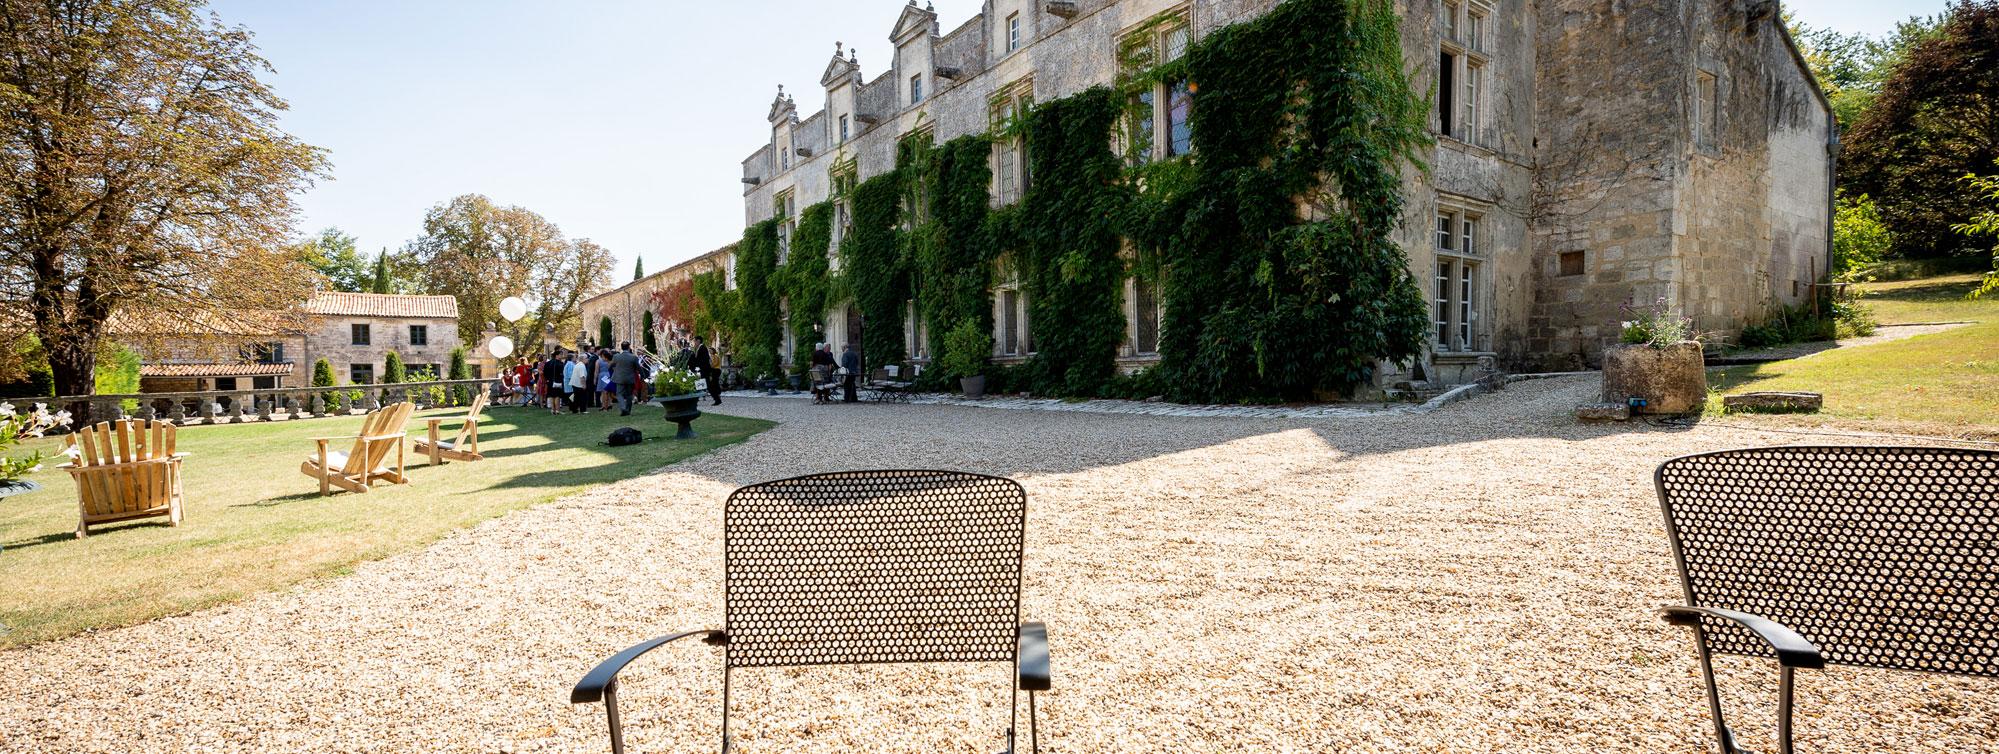 Chateau de Maumont : réceptions, anniversaires, cocktails, événements privés ©F.Selier - Chateau de Maumont